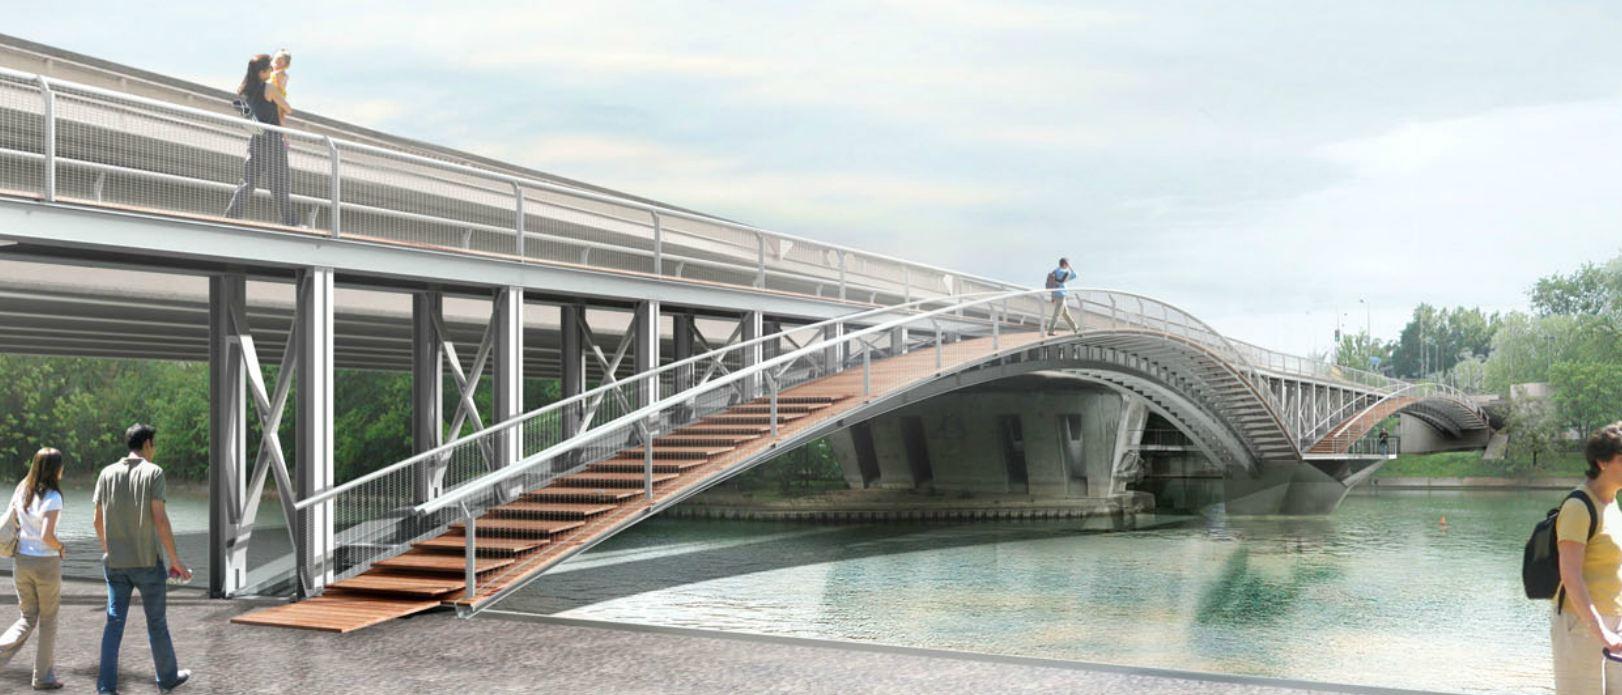 Pont de nogent nouvelle circulation achev e d s - Son et video champigny sur marne ...